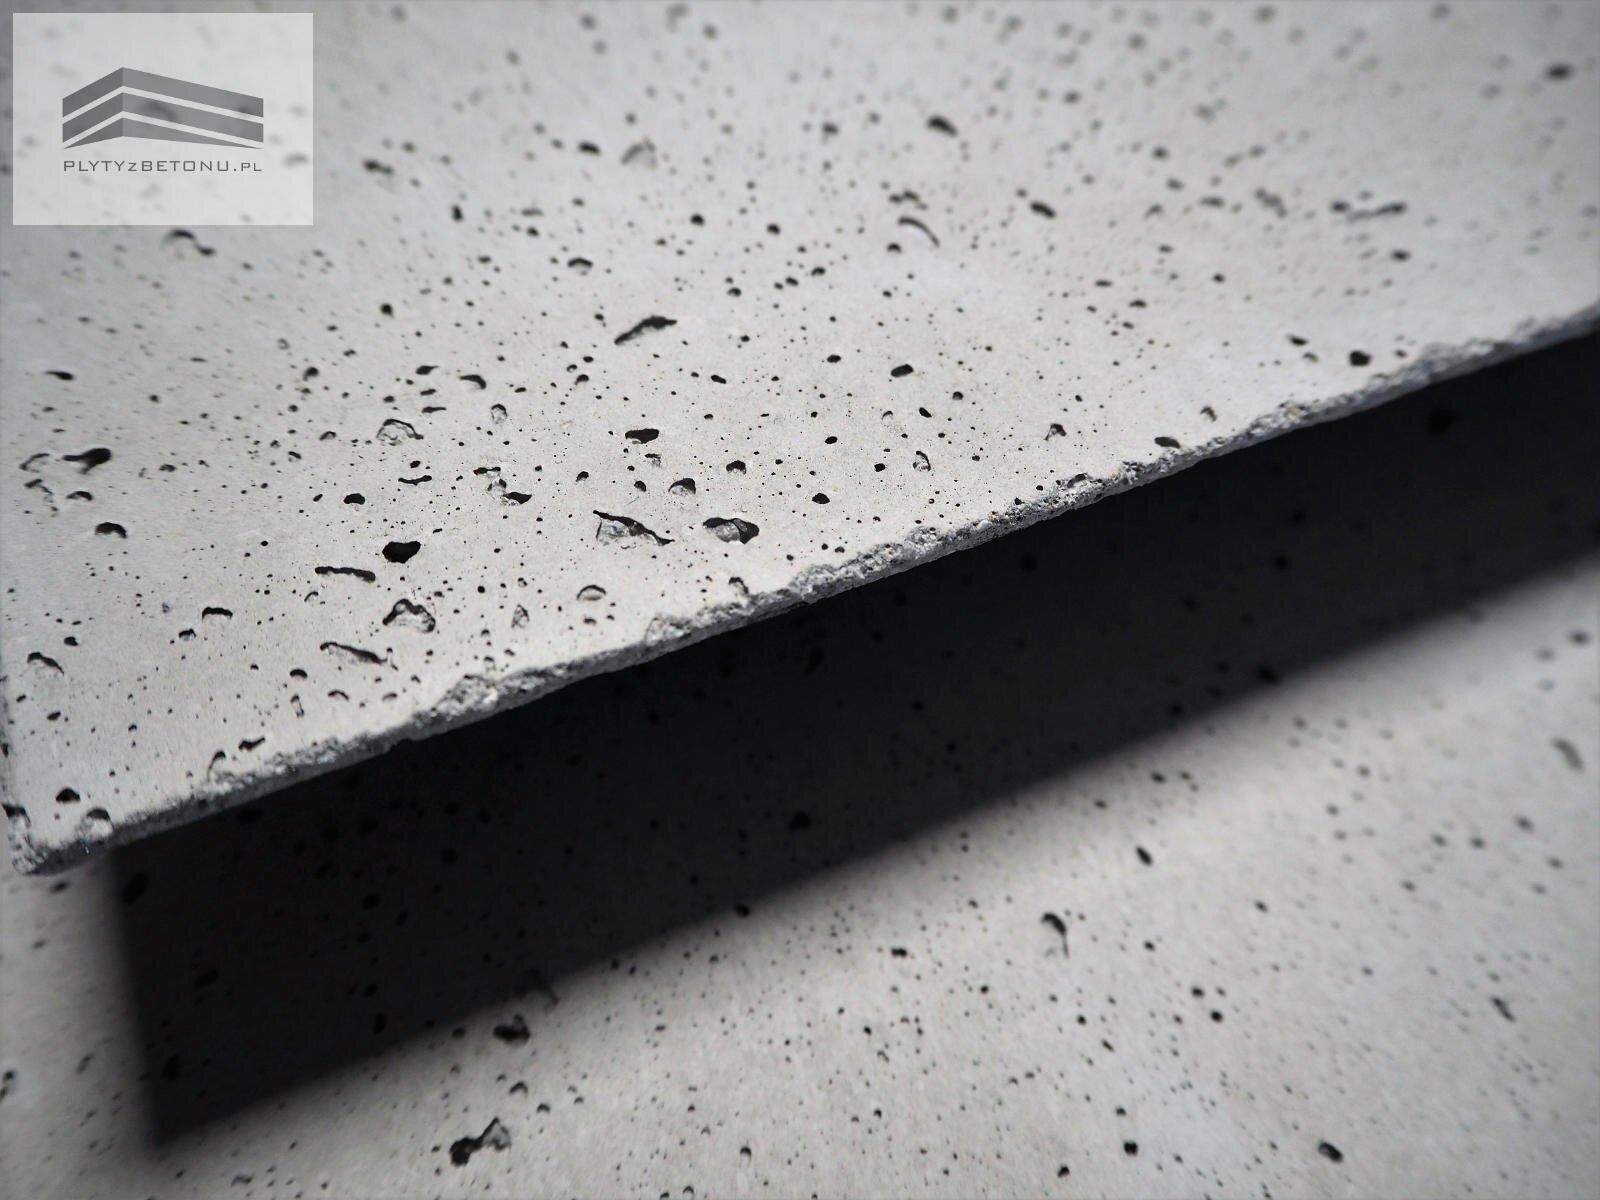 betonowa-plyta-dekoracyjna-beton-architektoniczny-fazowana